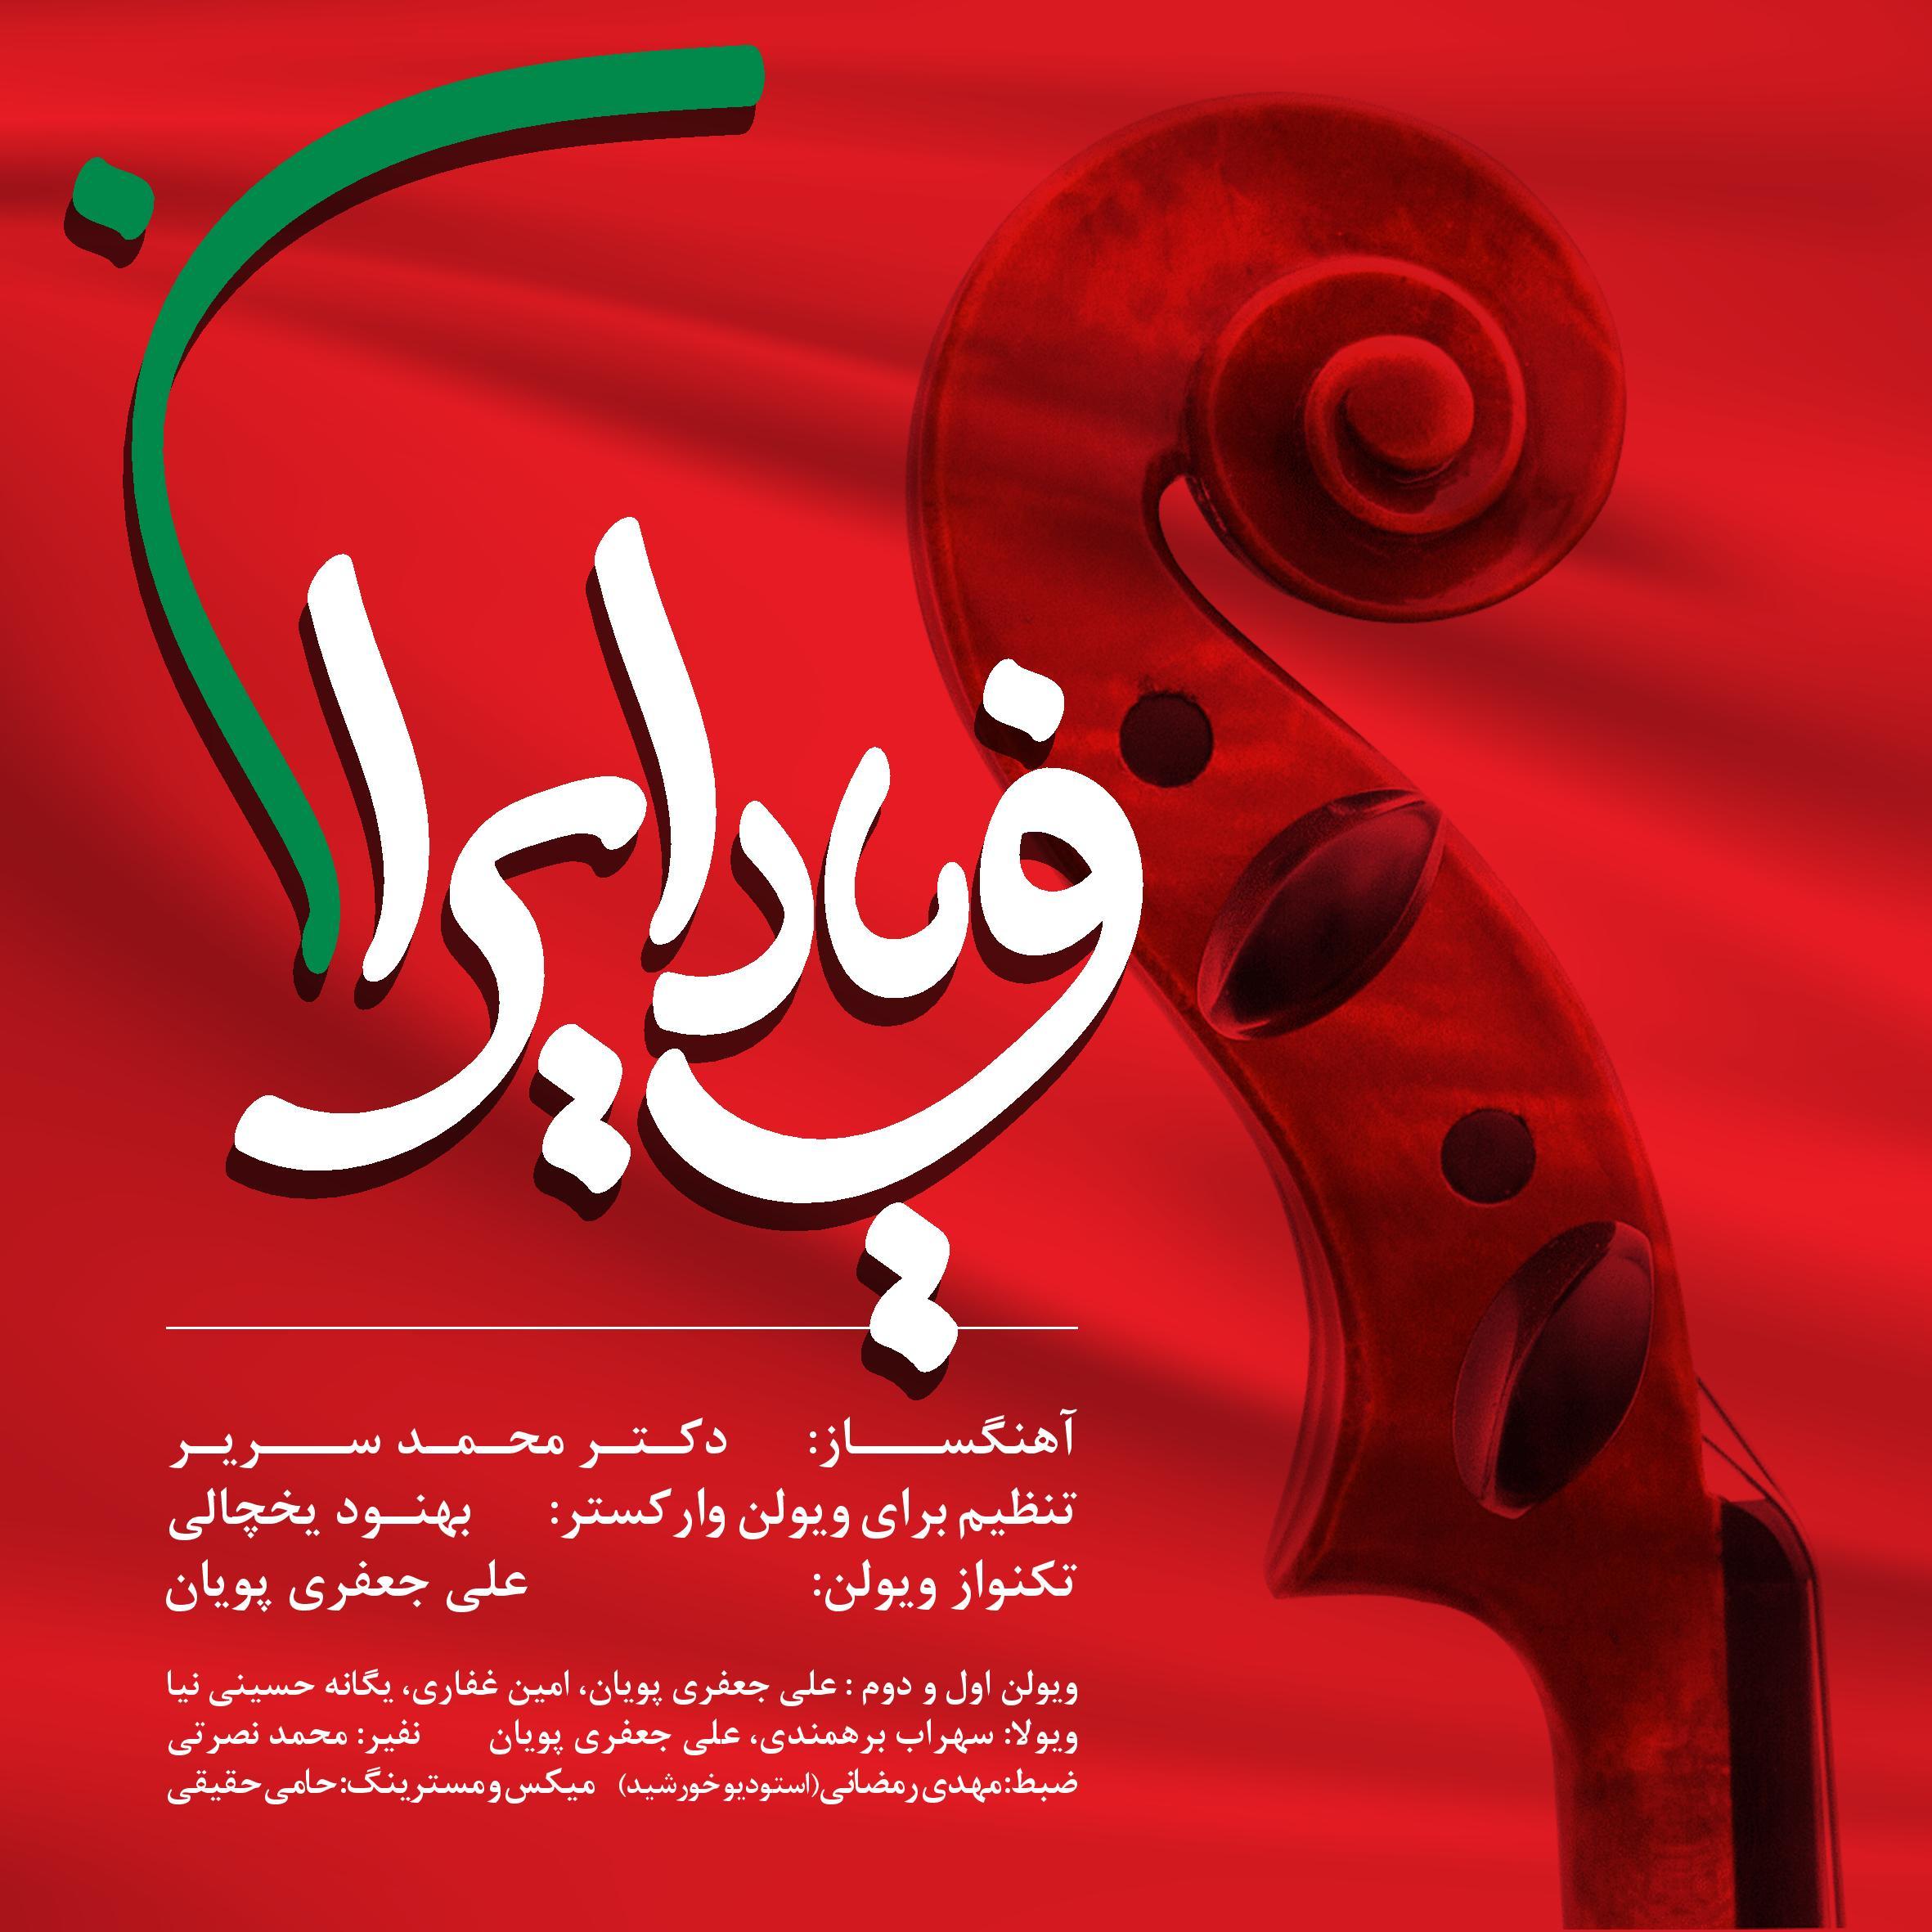 فریاد ایران